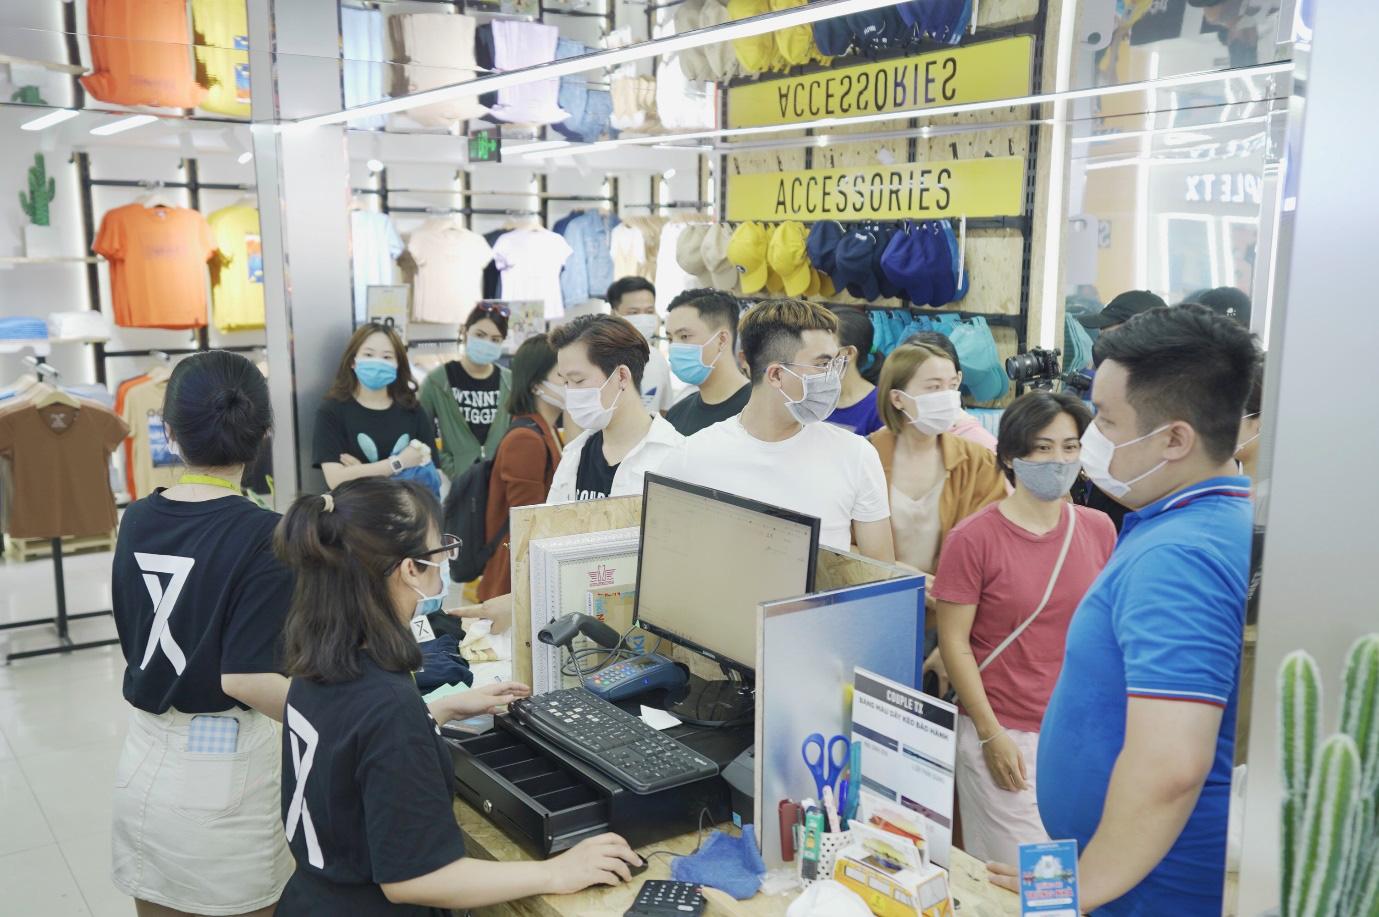 Hàng dài người xếp hàng chờ khai trương cửa hàng Couple TX - Ảnh 2.